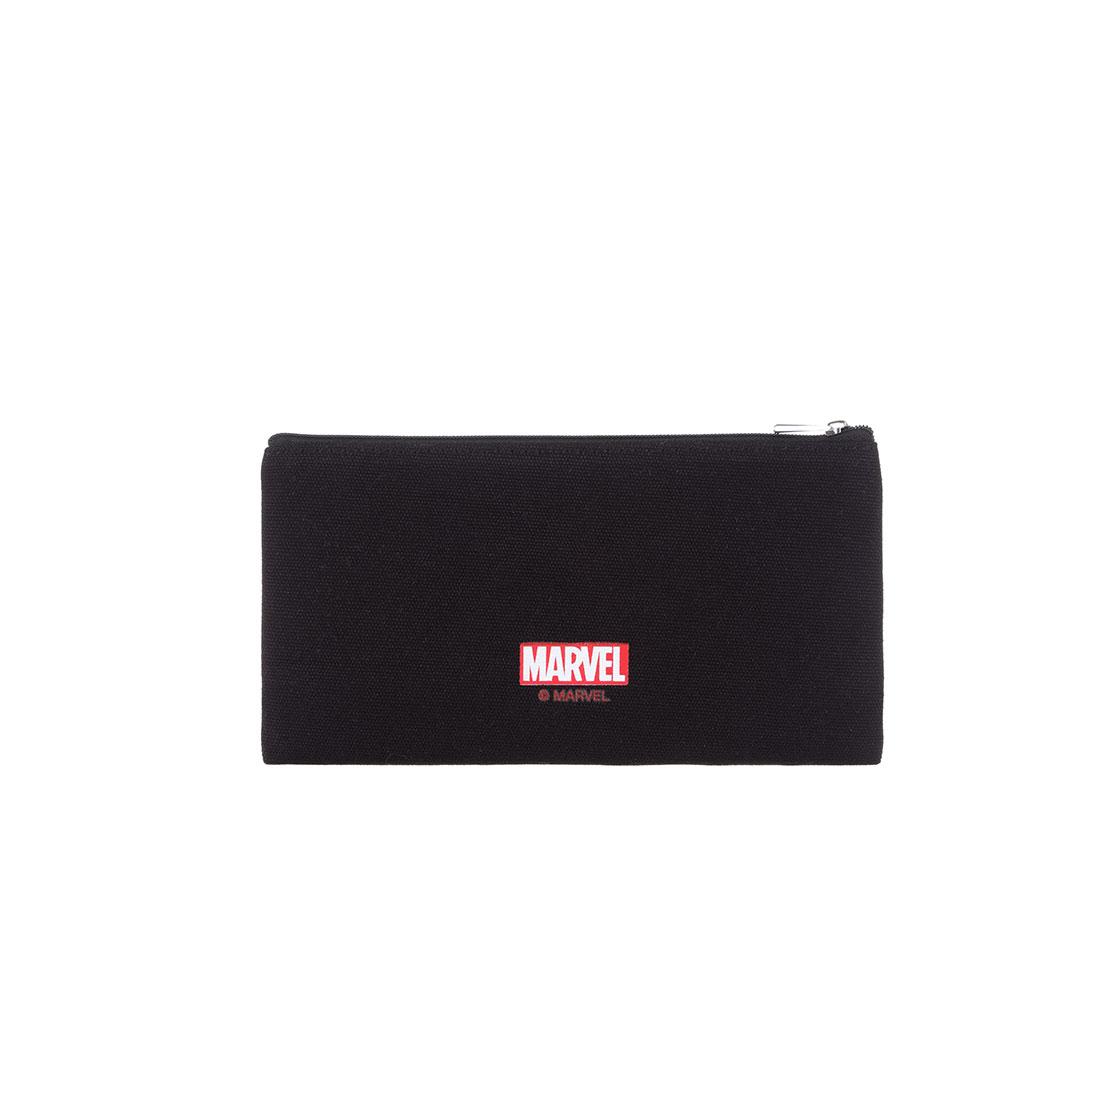 Túi đựng bút Miniso in chữ Marvel (Giao màu ngẫu nhiên) - Hàng chính hãng